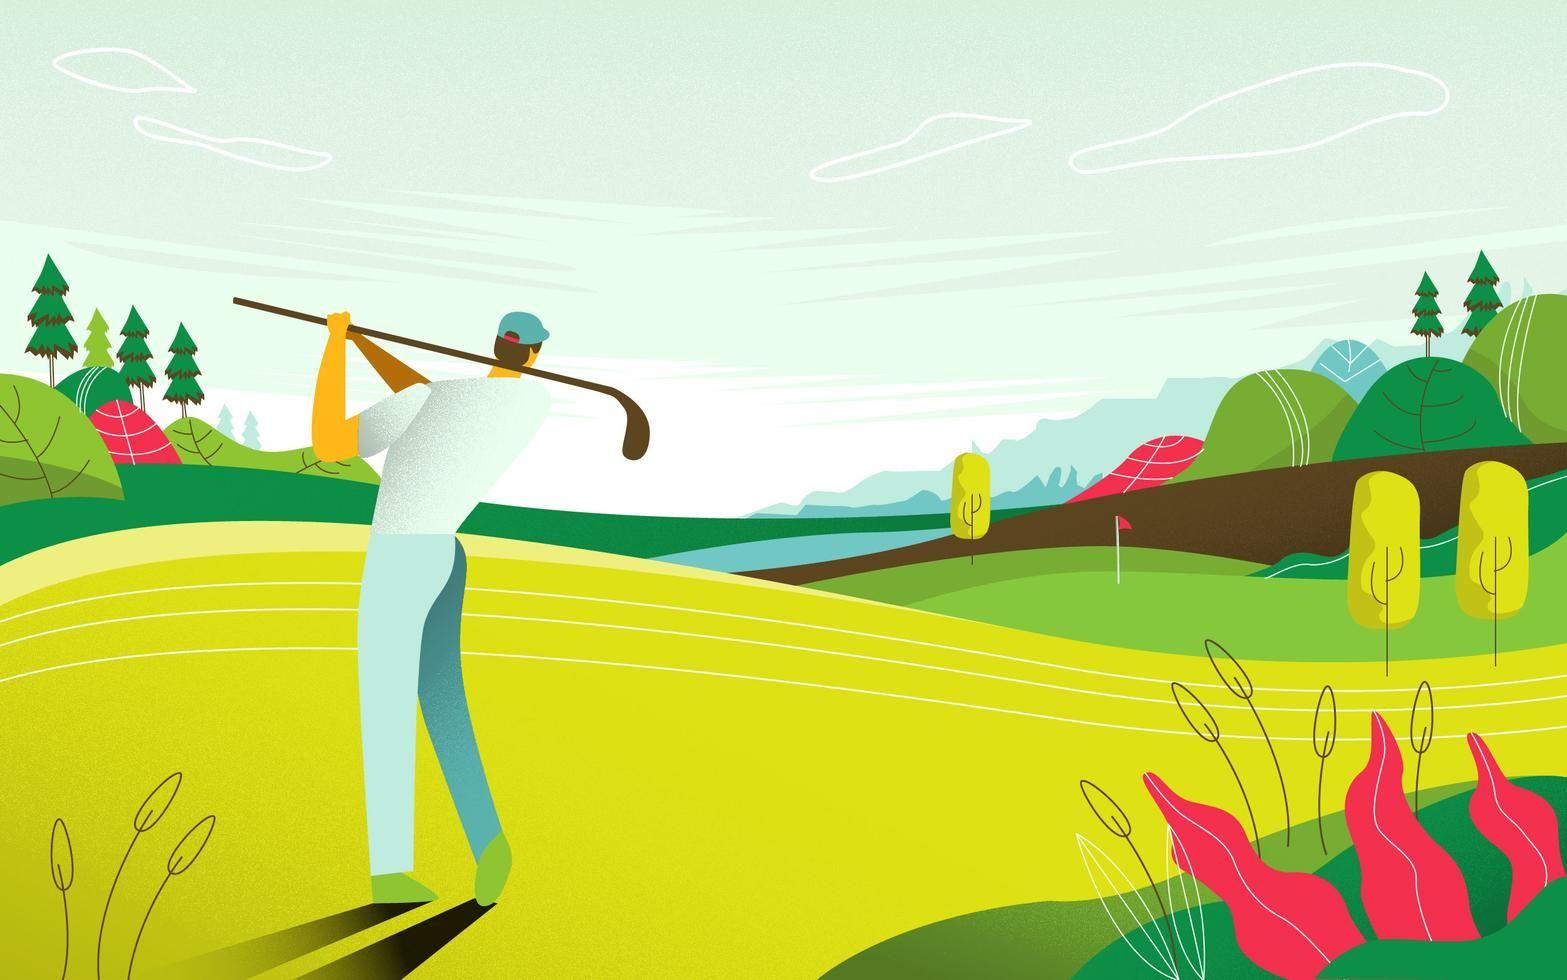 Landscape view golf course tournament map vector flat